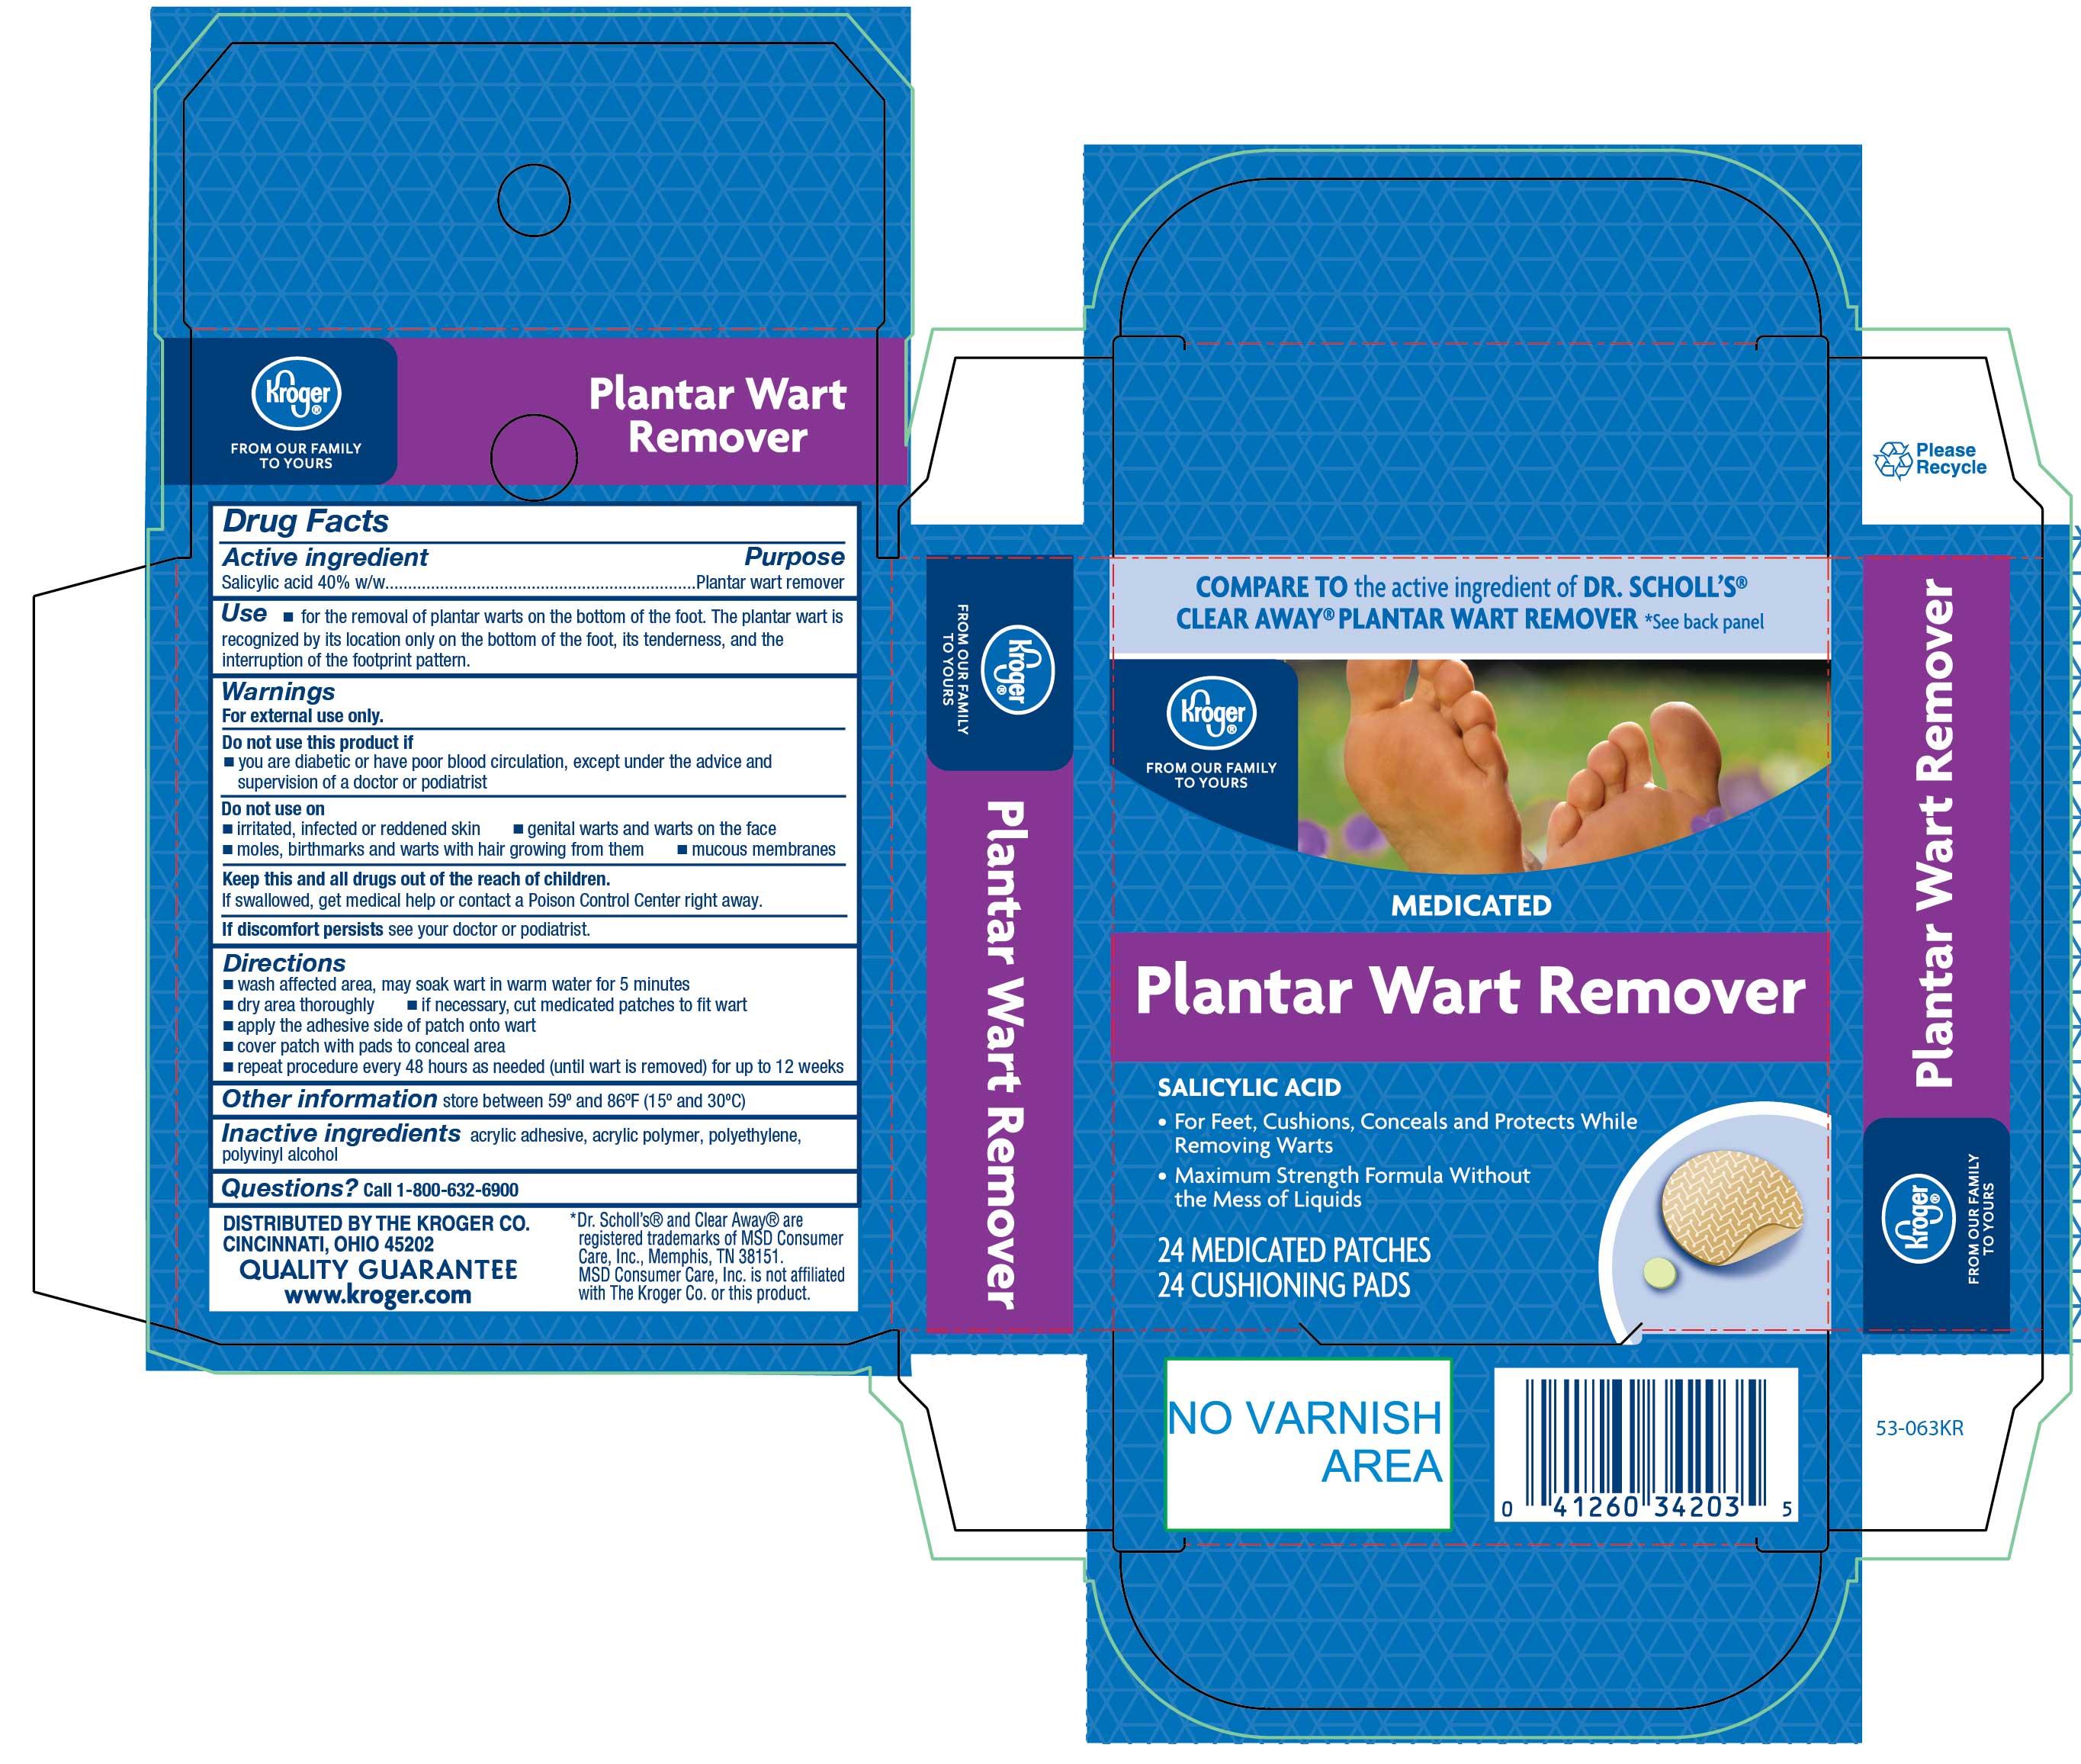 KROGER_Plantar Wart Remover.jpg